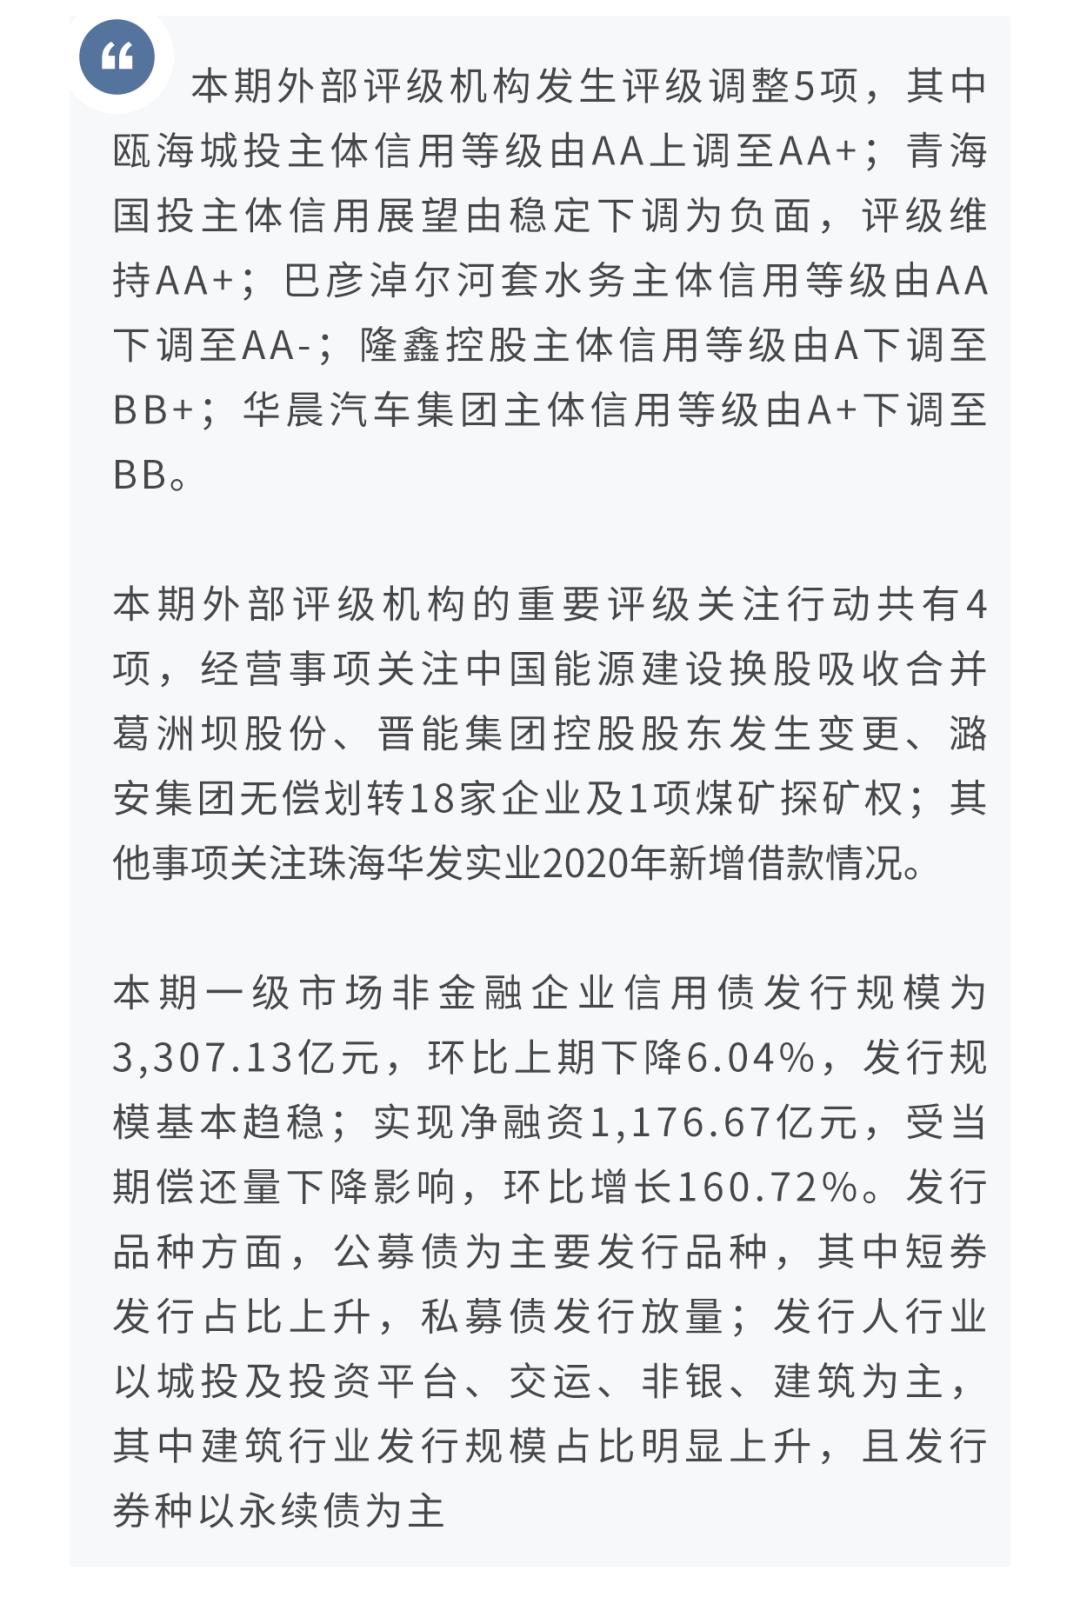 【信用】兴业研究信用观察周报(第36期) 2020.11.2—2020.11.6